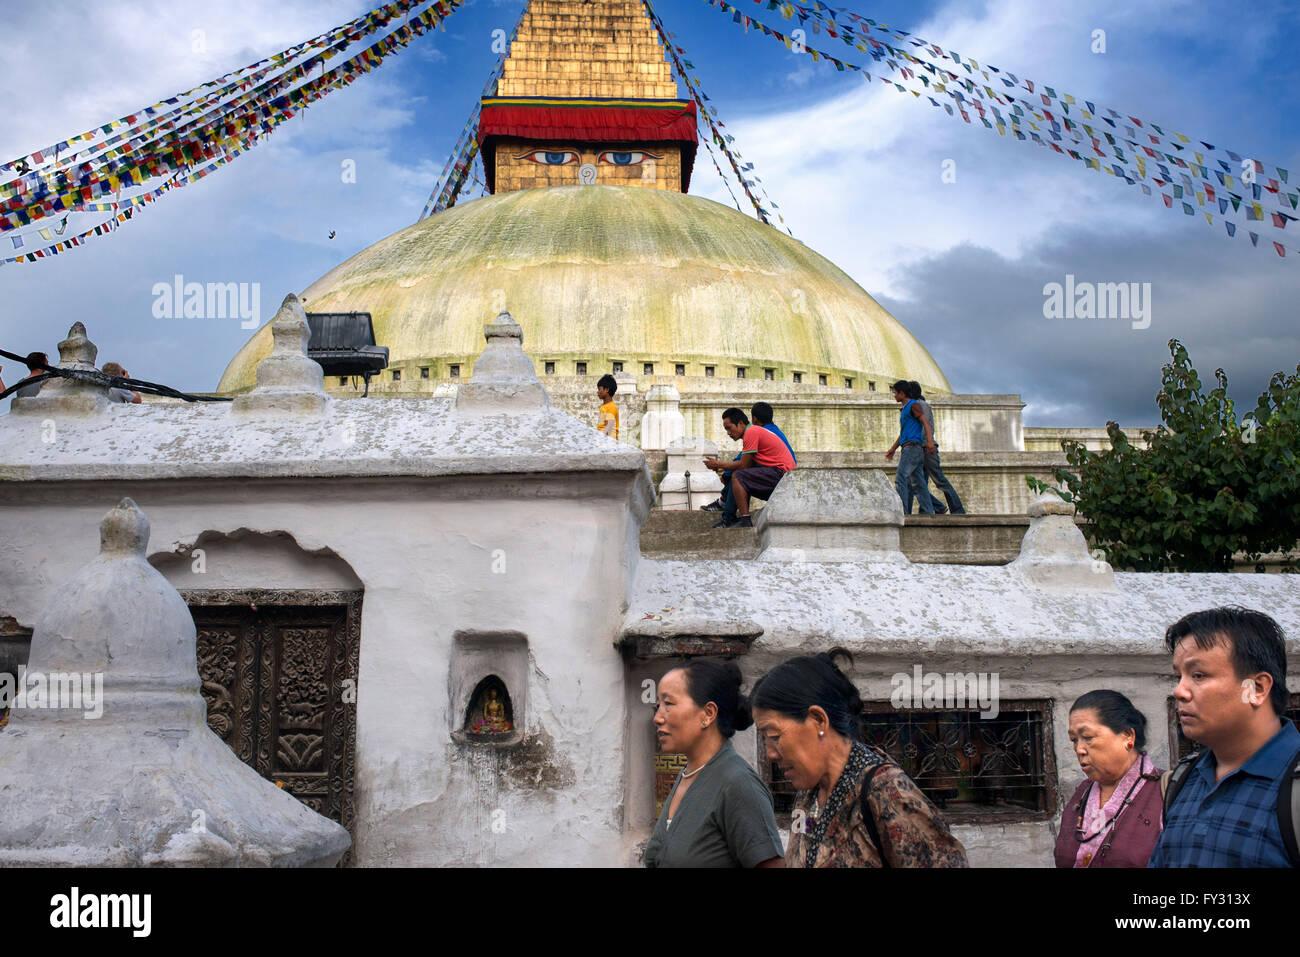 Bodhnath Buddhist Stupa, Kathmandu, Nepal, Asia - Stock Image